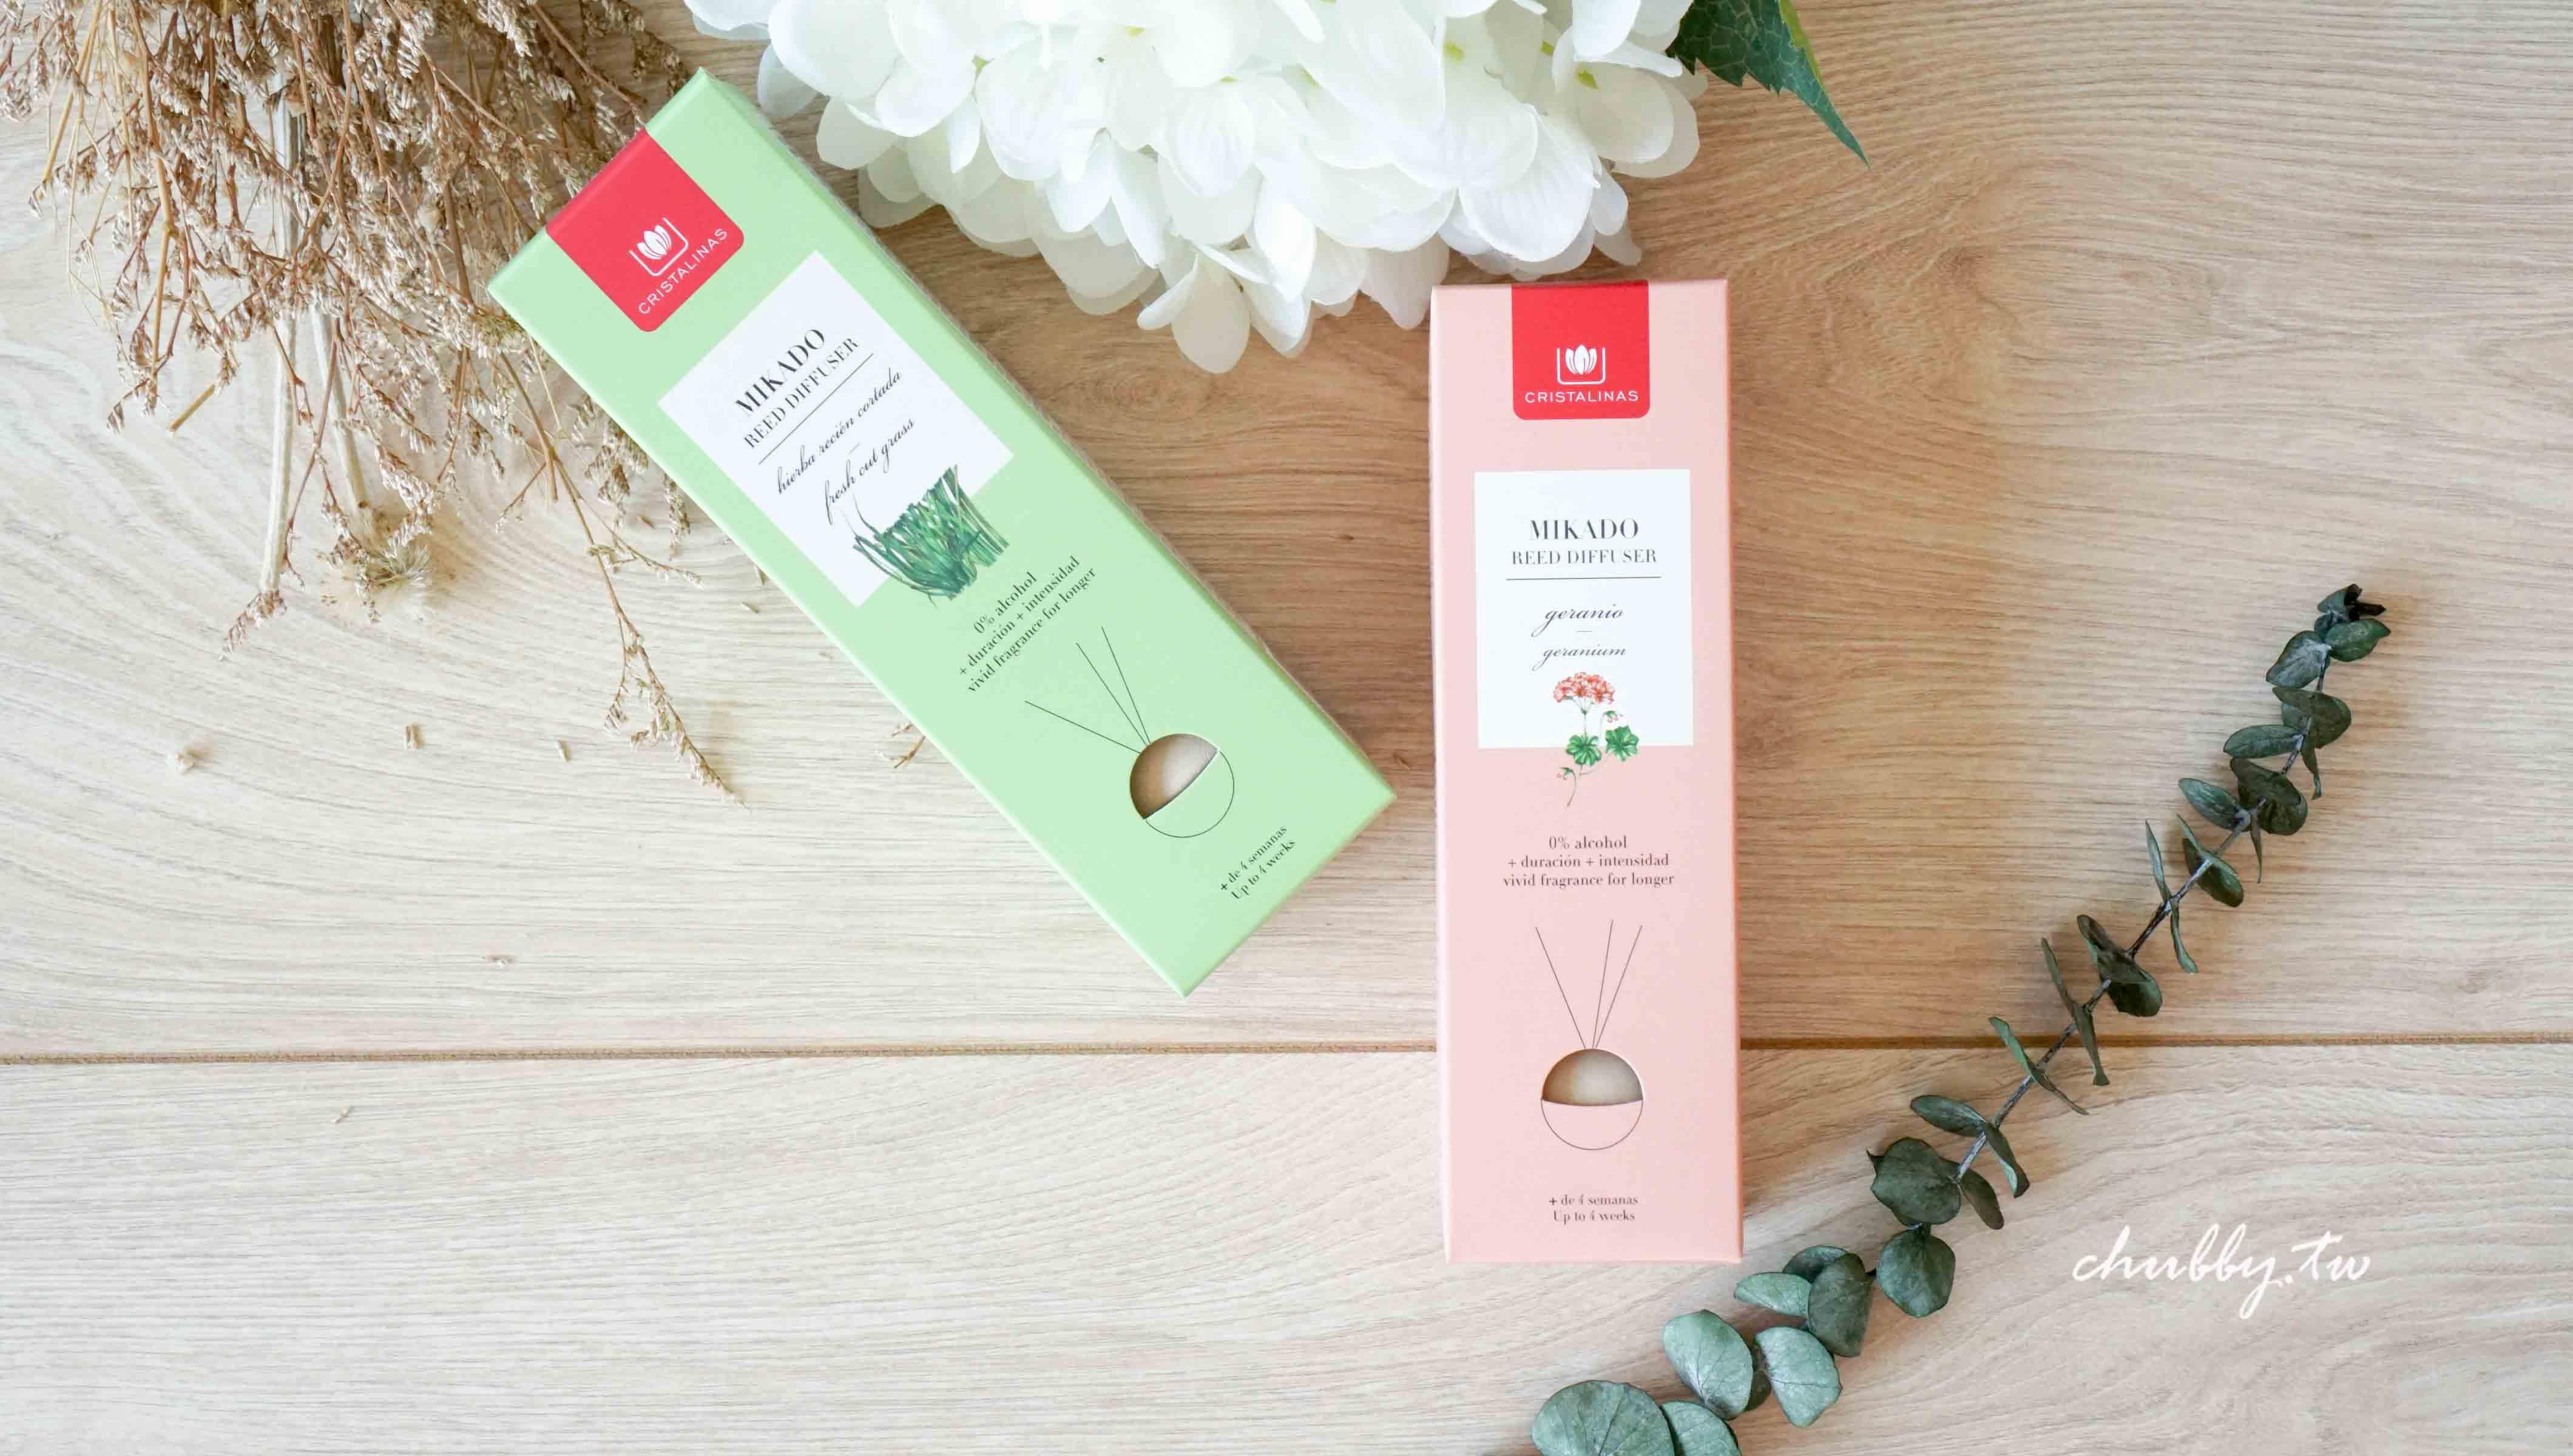 香氛小物開箱│西班牙無酒精植萃香氛CRISTALINAS兩款分享:清新草地+天竺葵